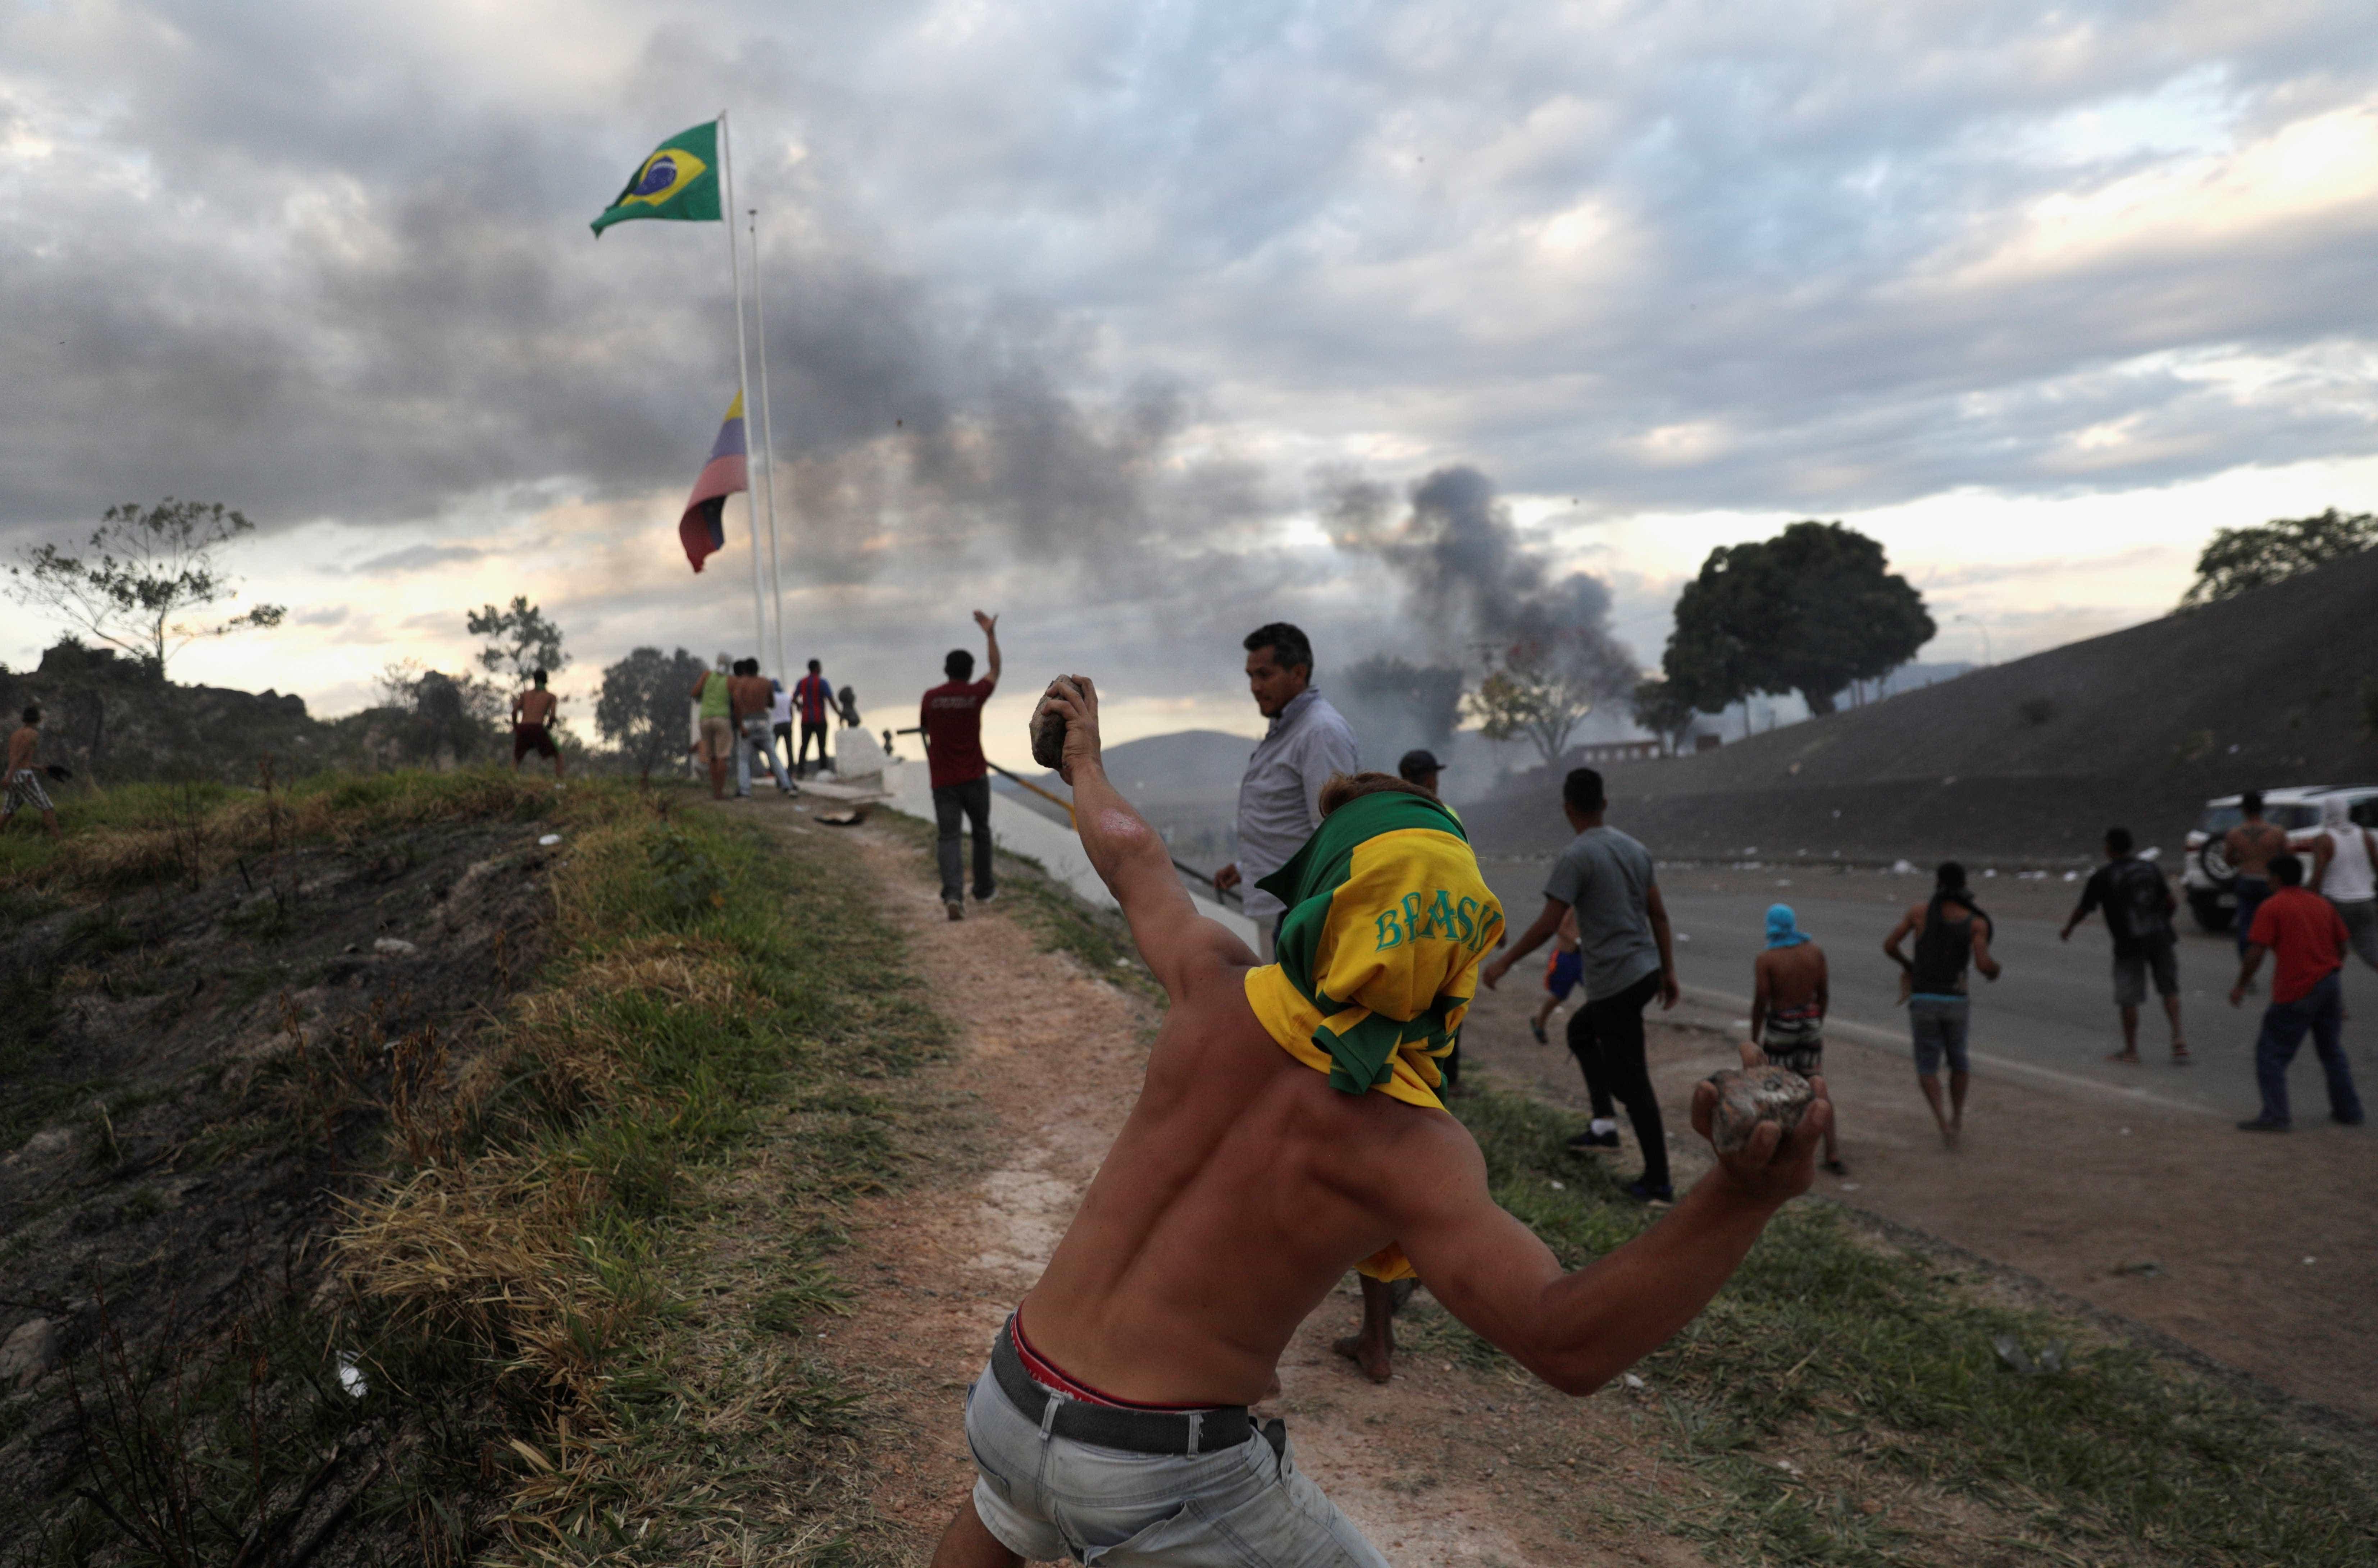 'Nunca vi exército de outro país jogar bomba de gás no Brasil'